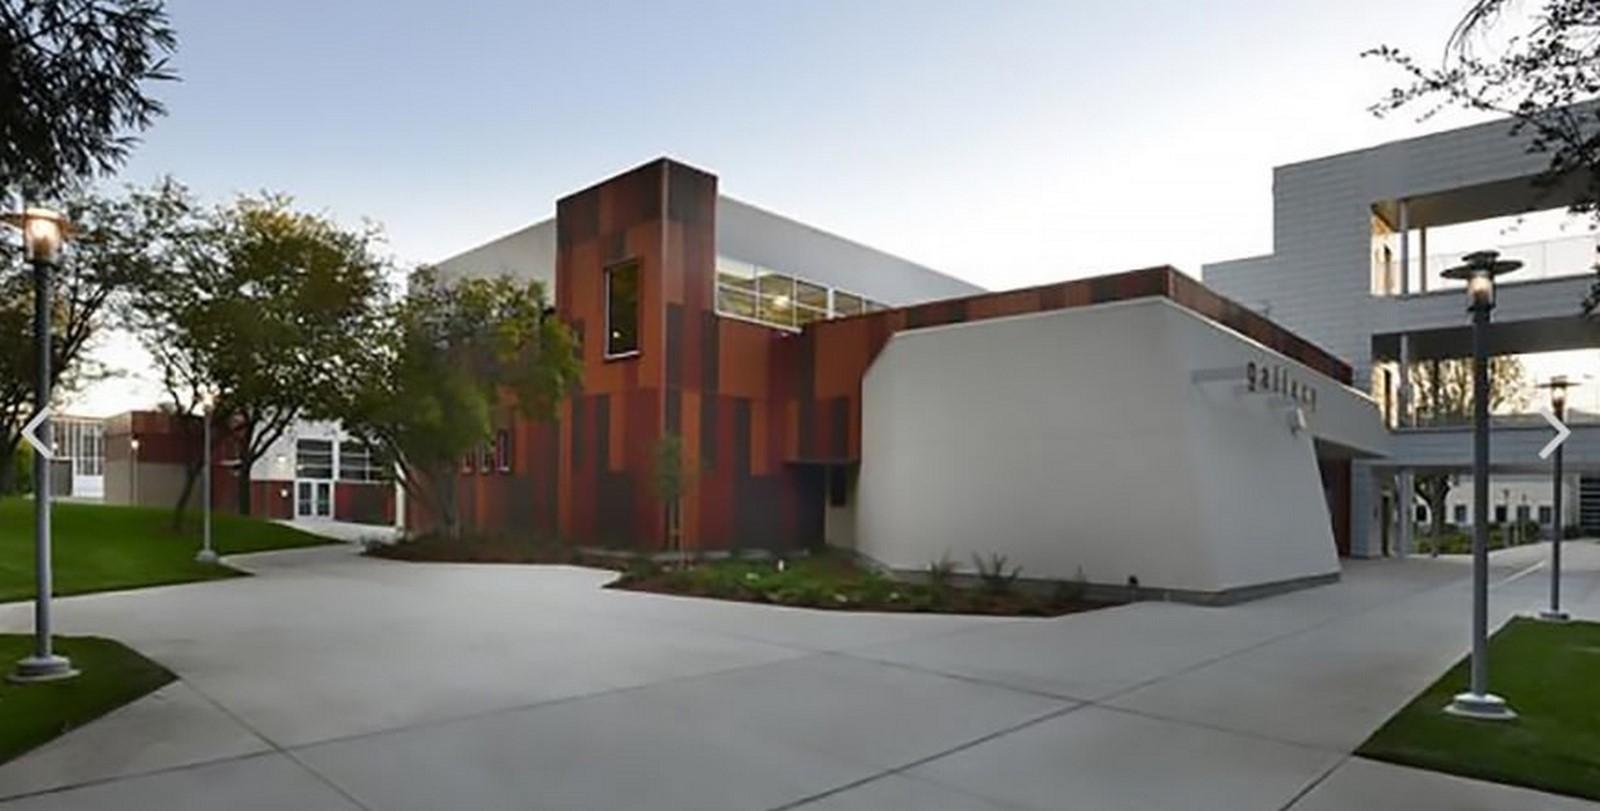 Architects in St. Louis - Top 80 Architects in St. Louis - Sheet2